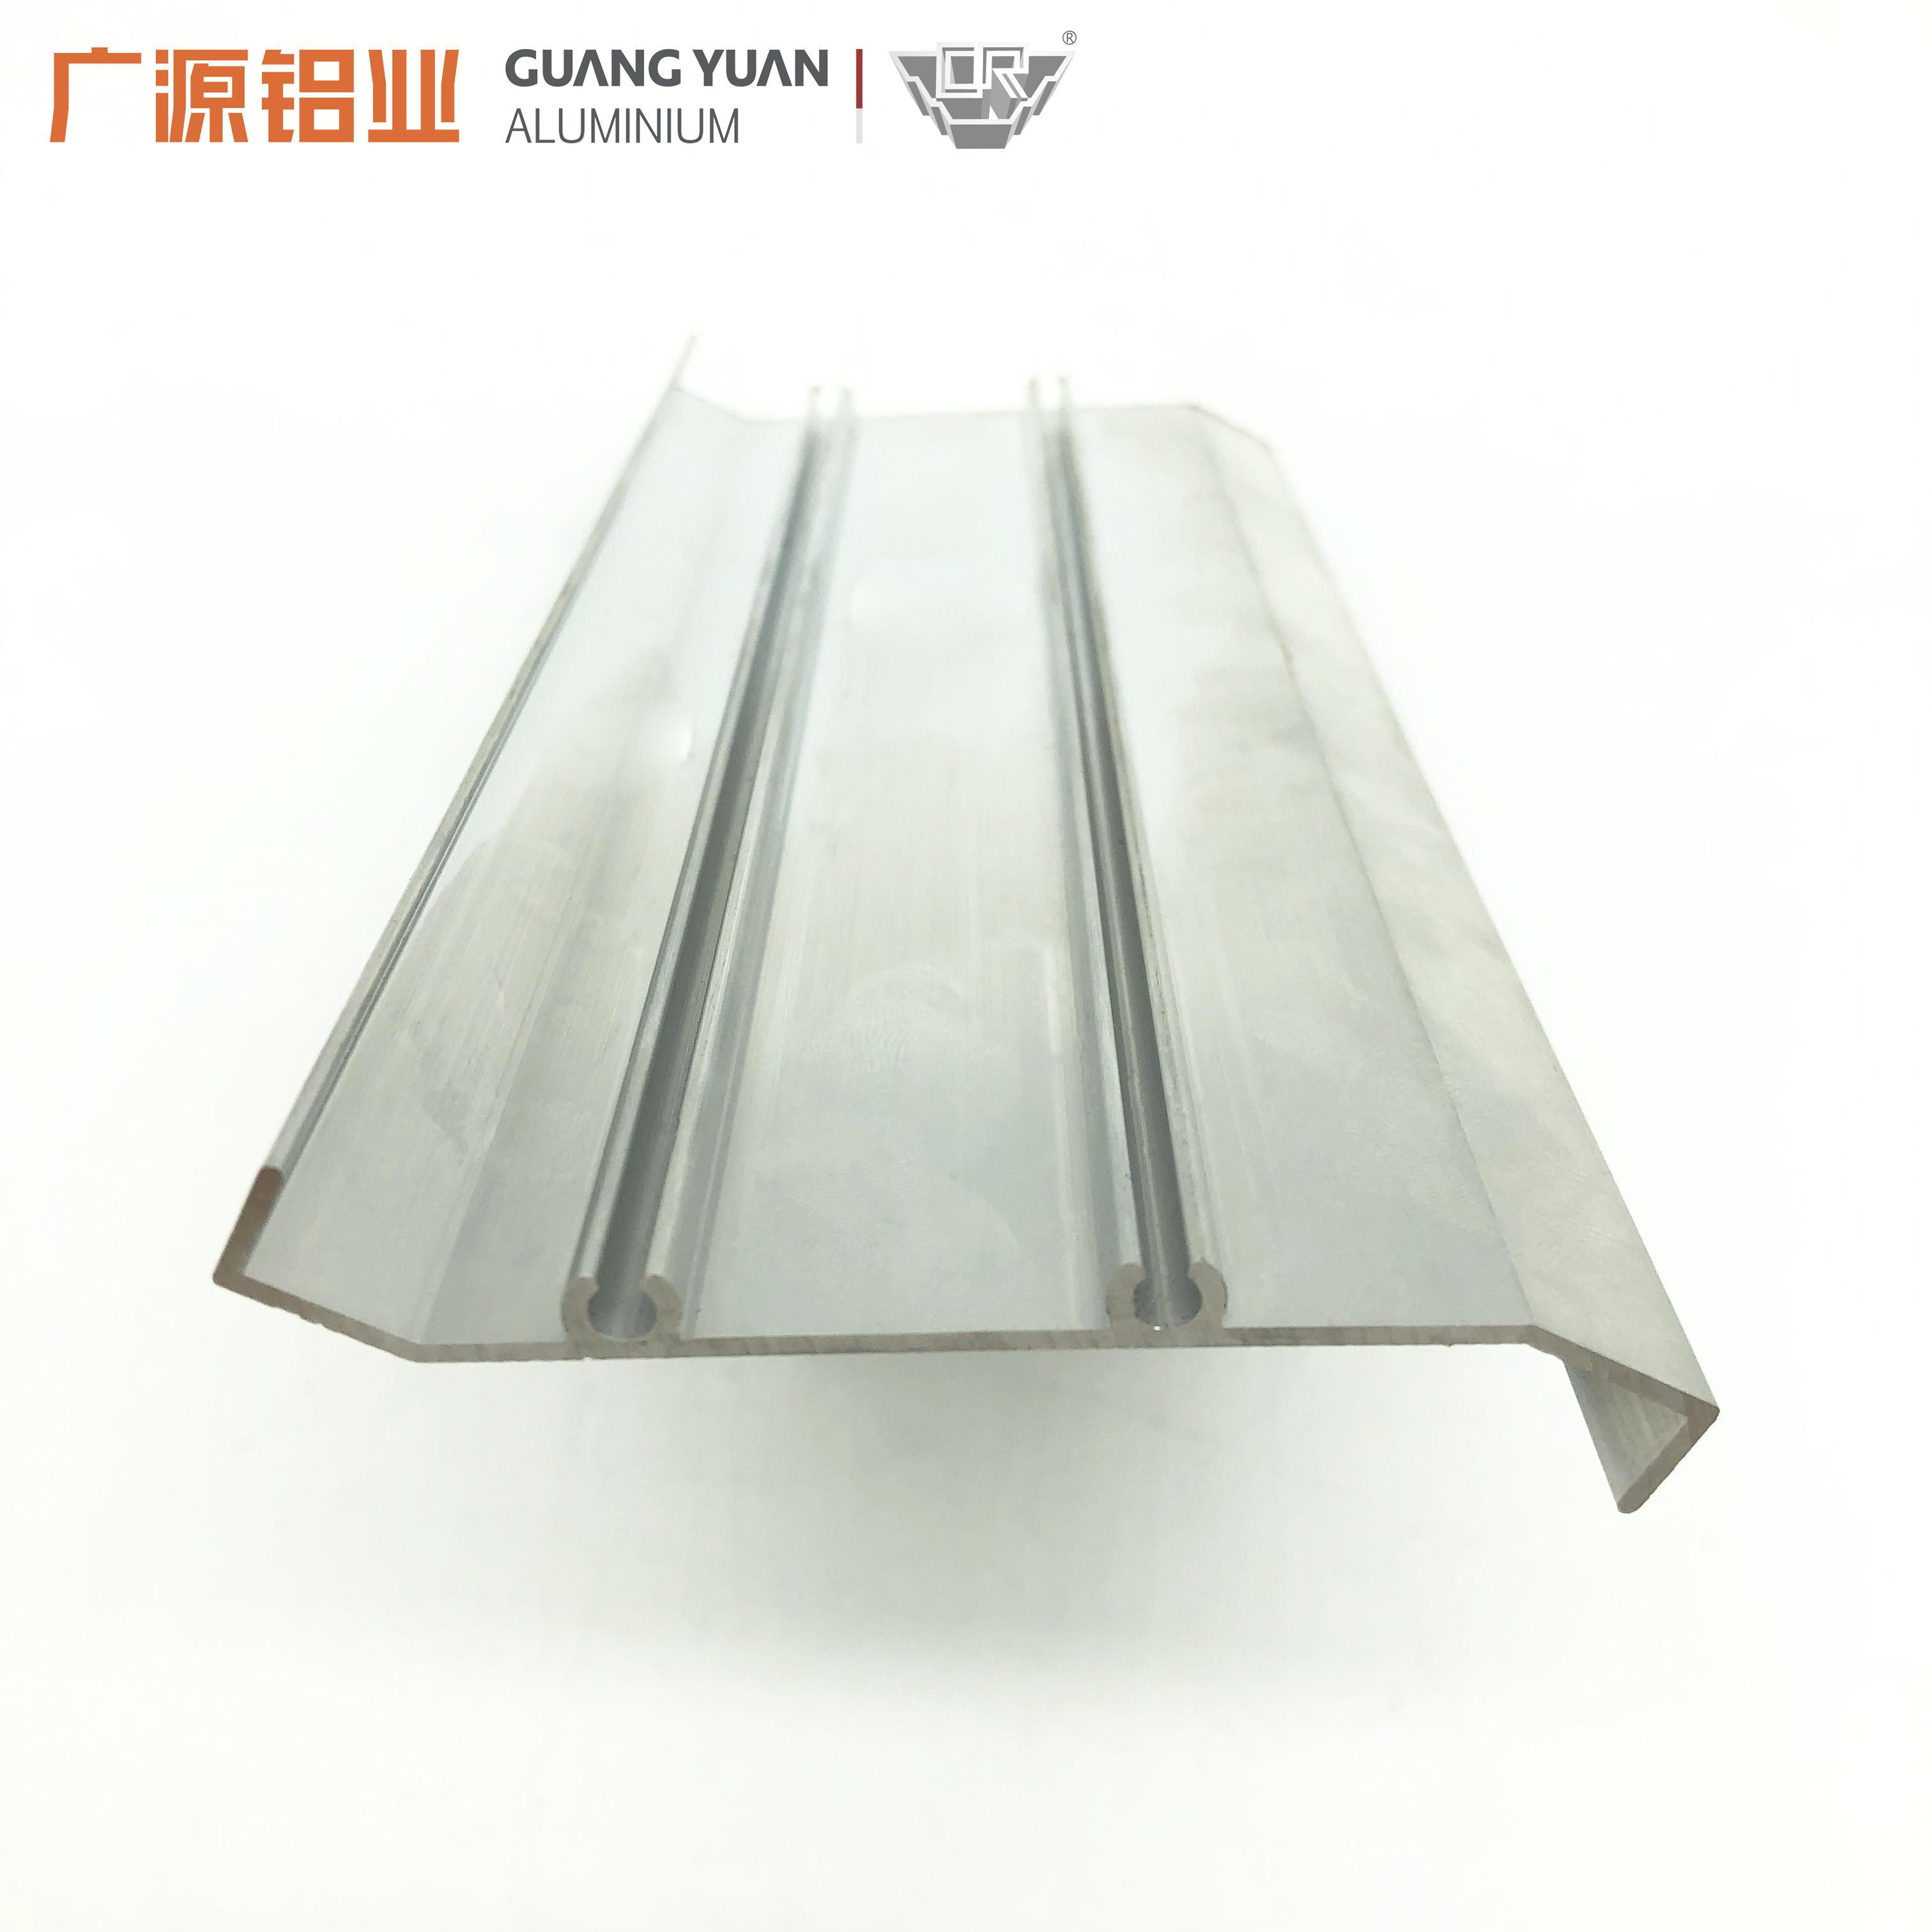 External Aluminium Window Shades